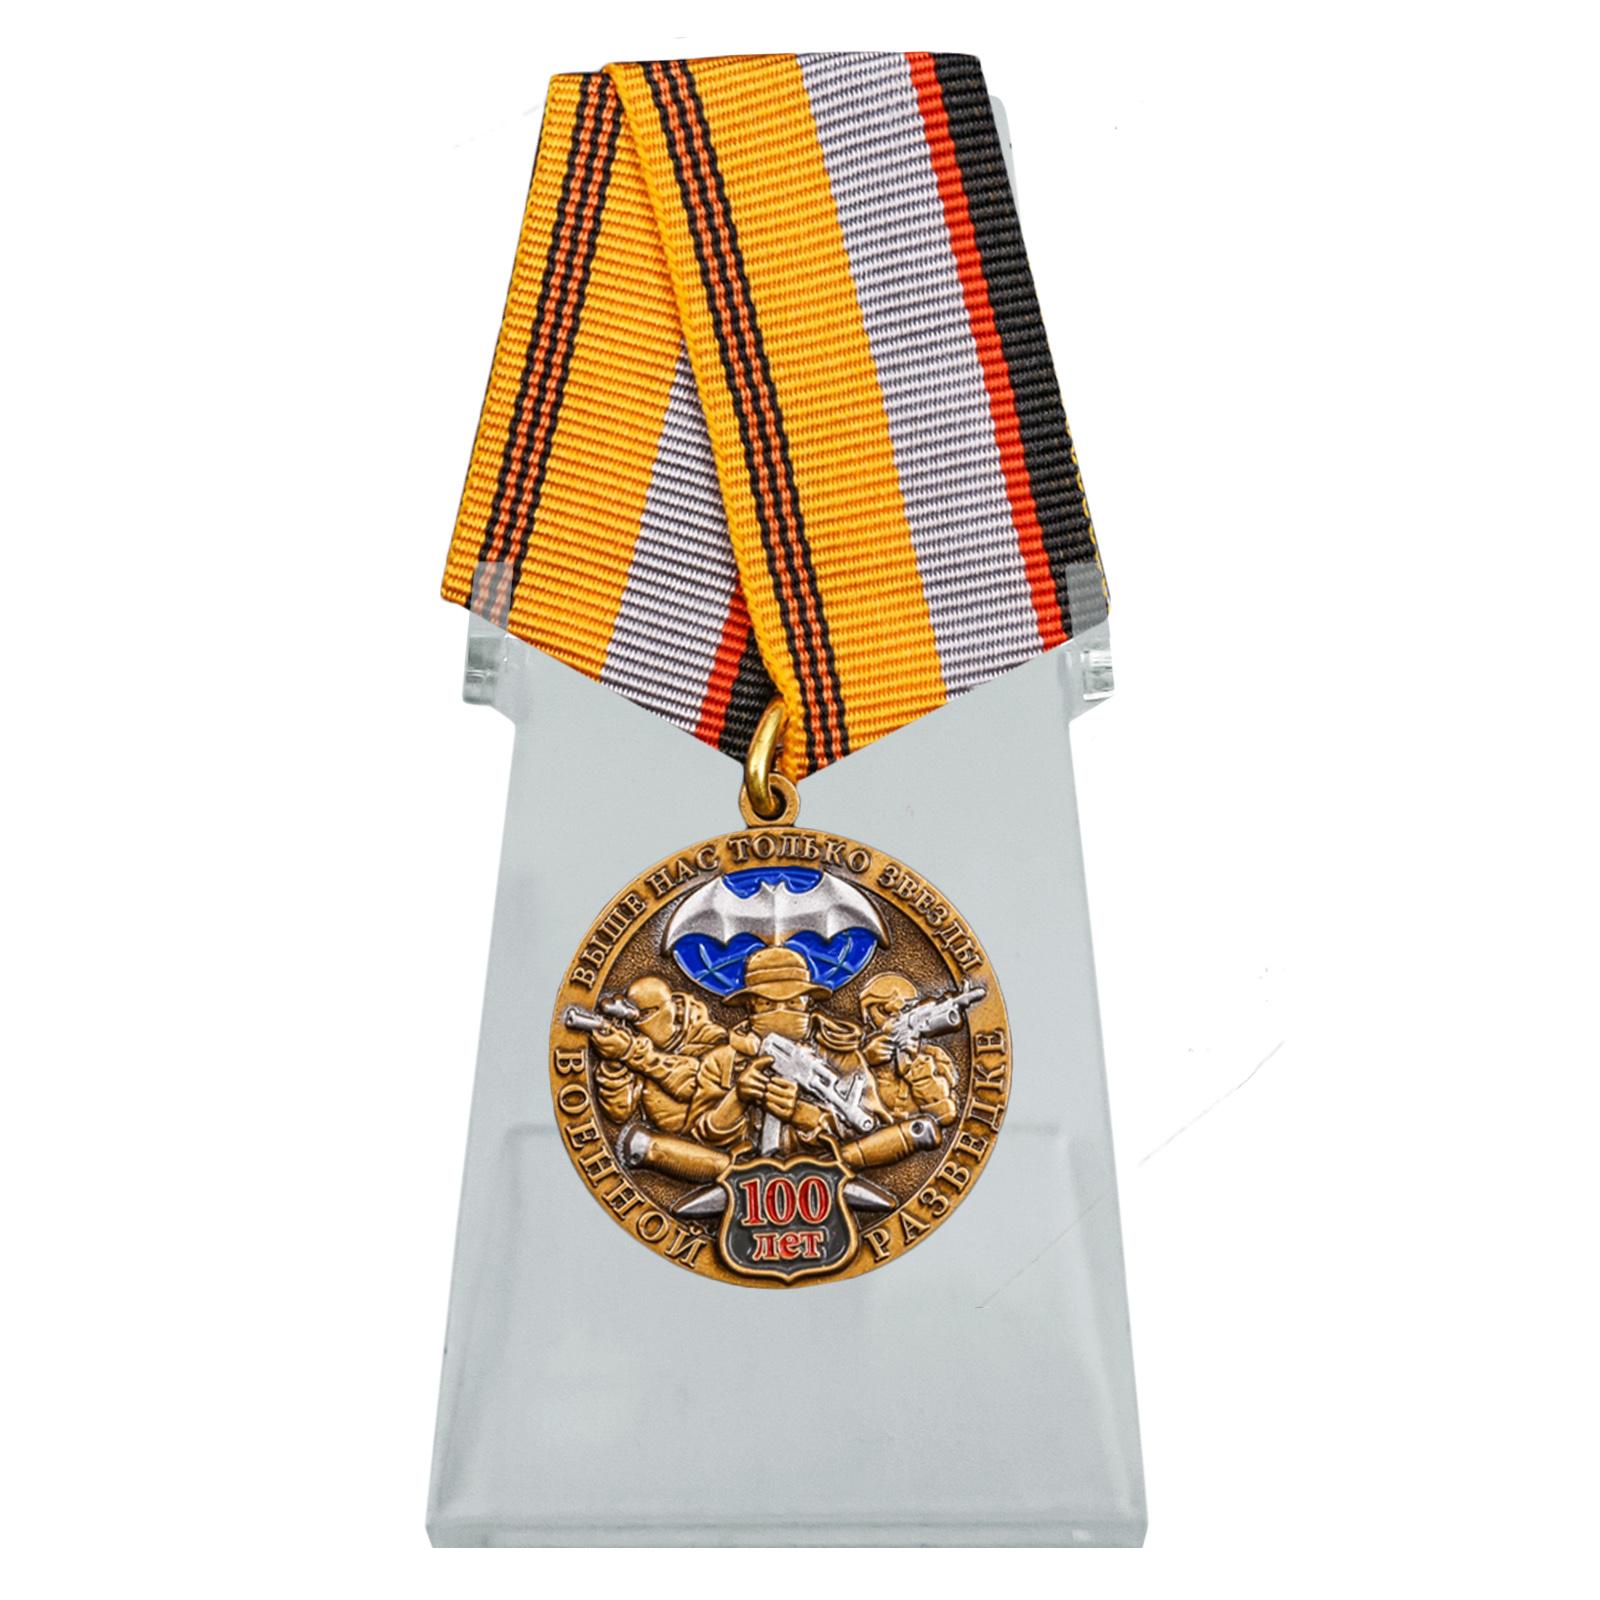 Юбилейная медаль Военной разведки к 100-летию на подставке